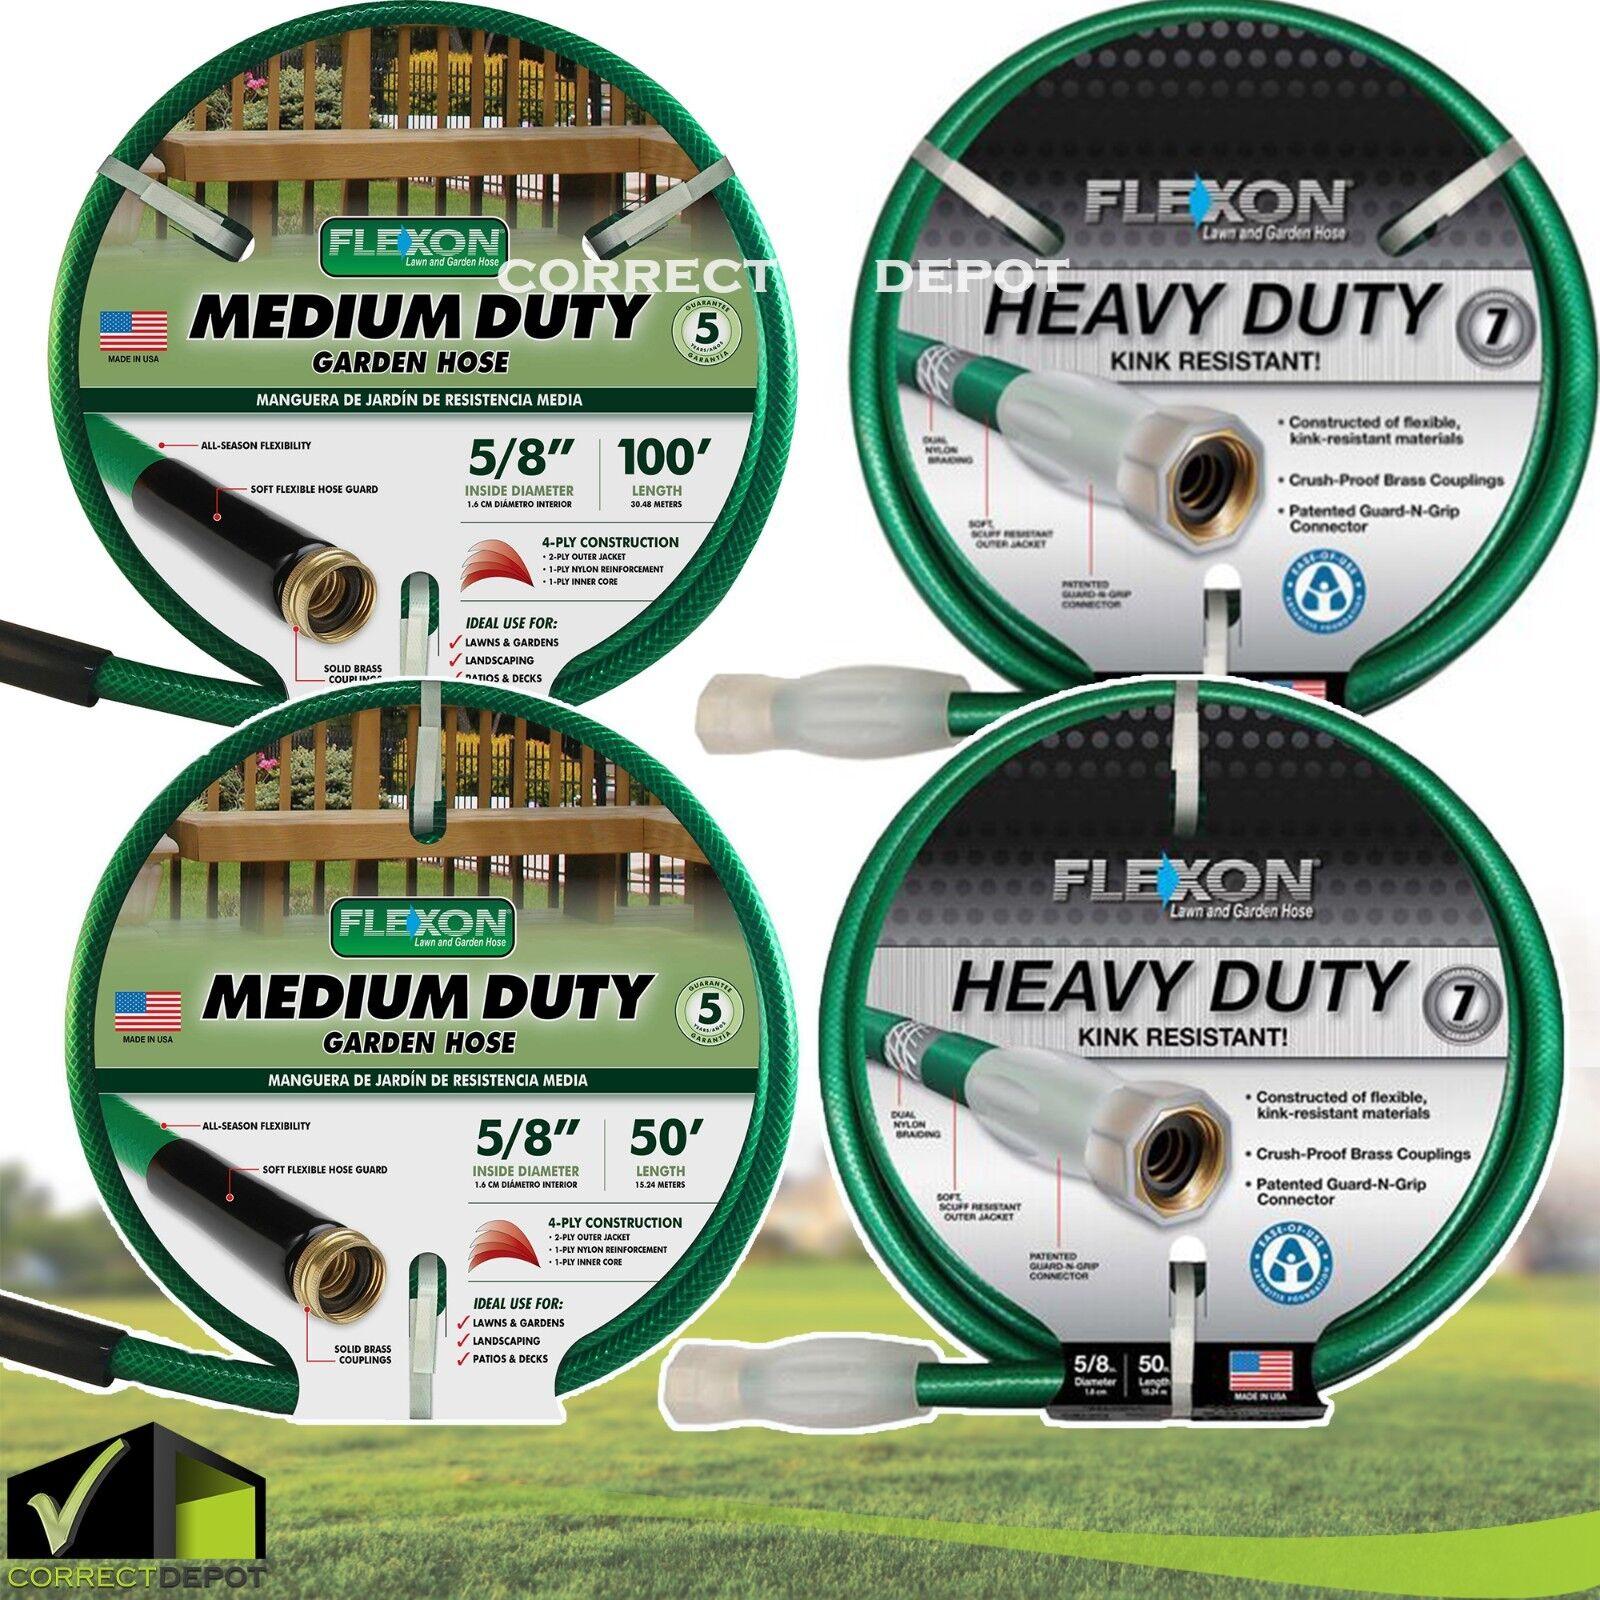 50-100' Heavy Duty Water Hose Lawn Garden Backyard Patio Fle